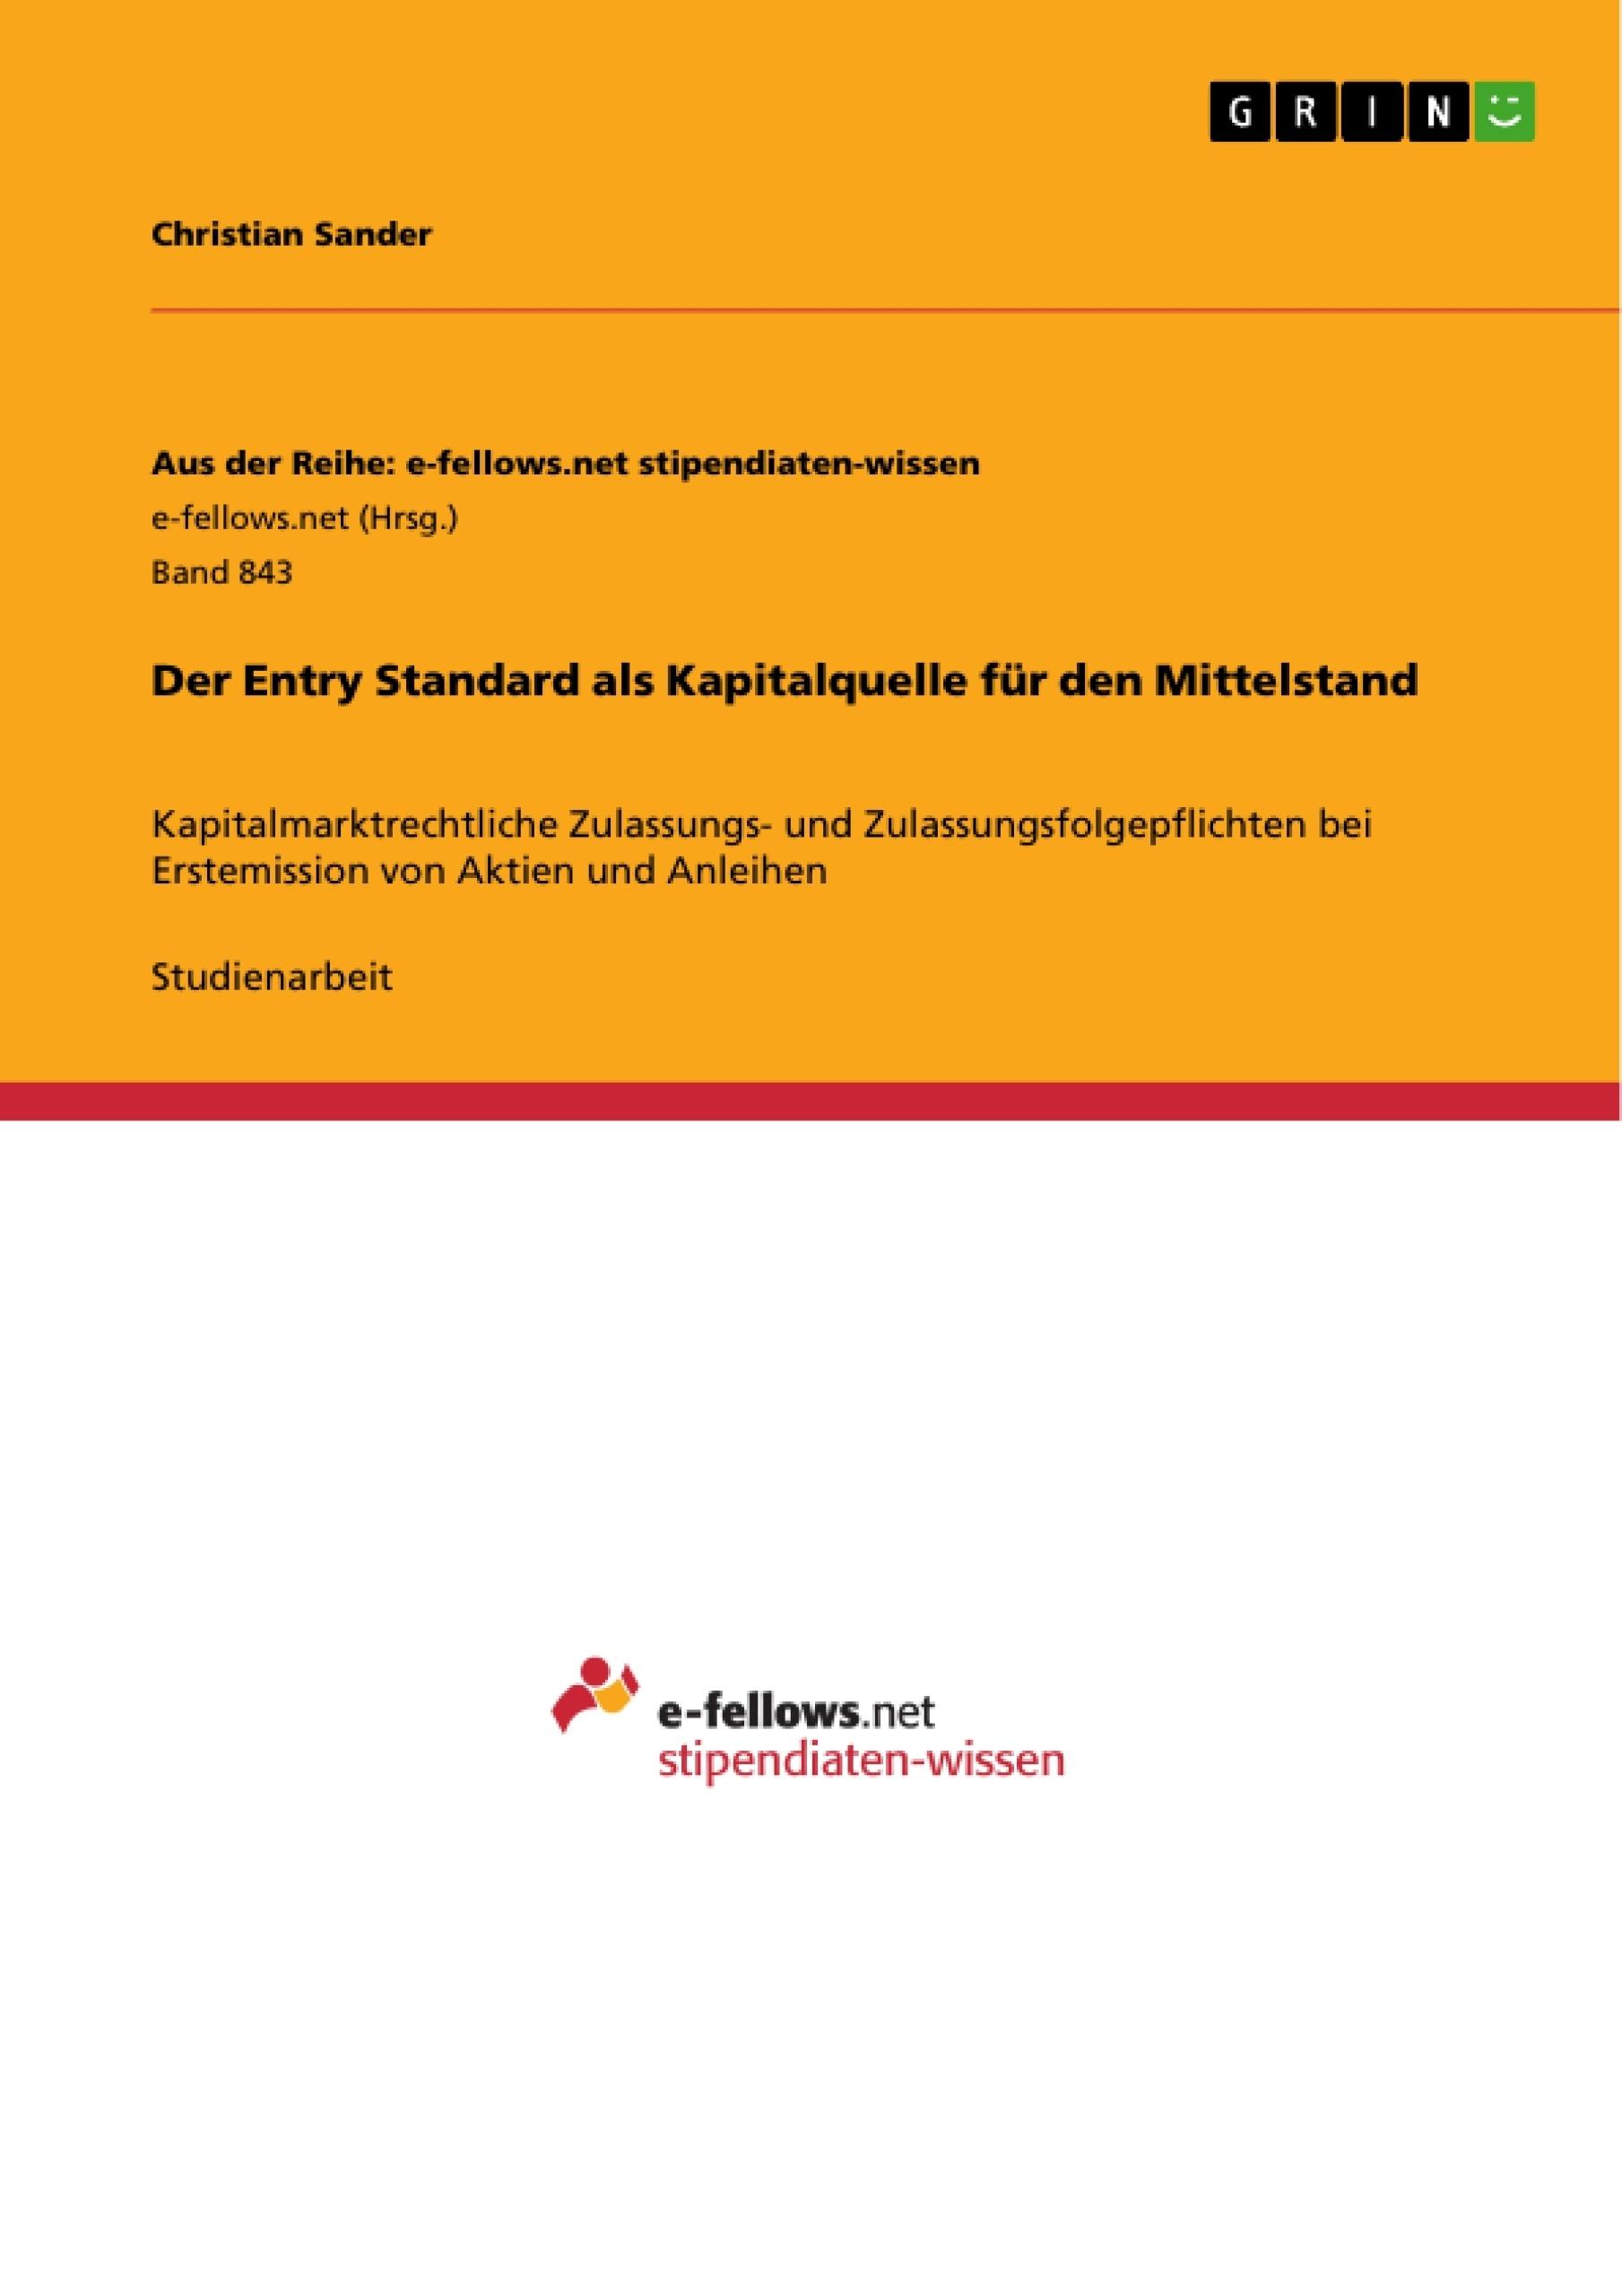 Titel: Der Entry Standard als Kapitalquelle für den Mittelstand